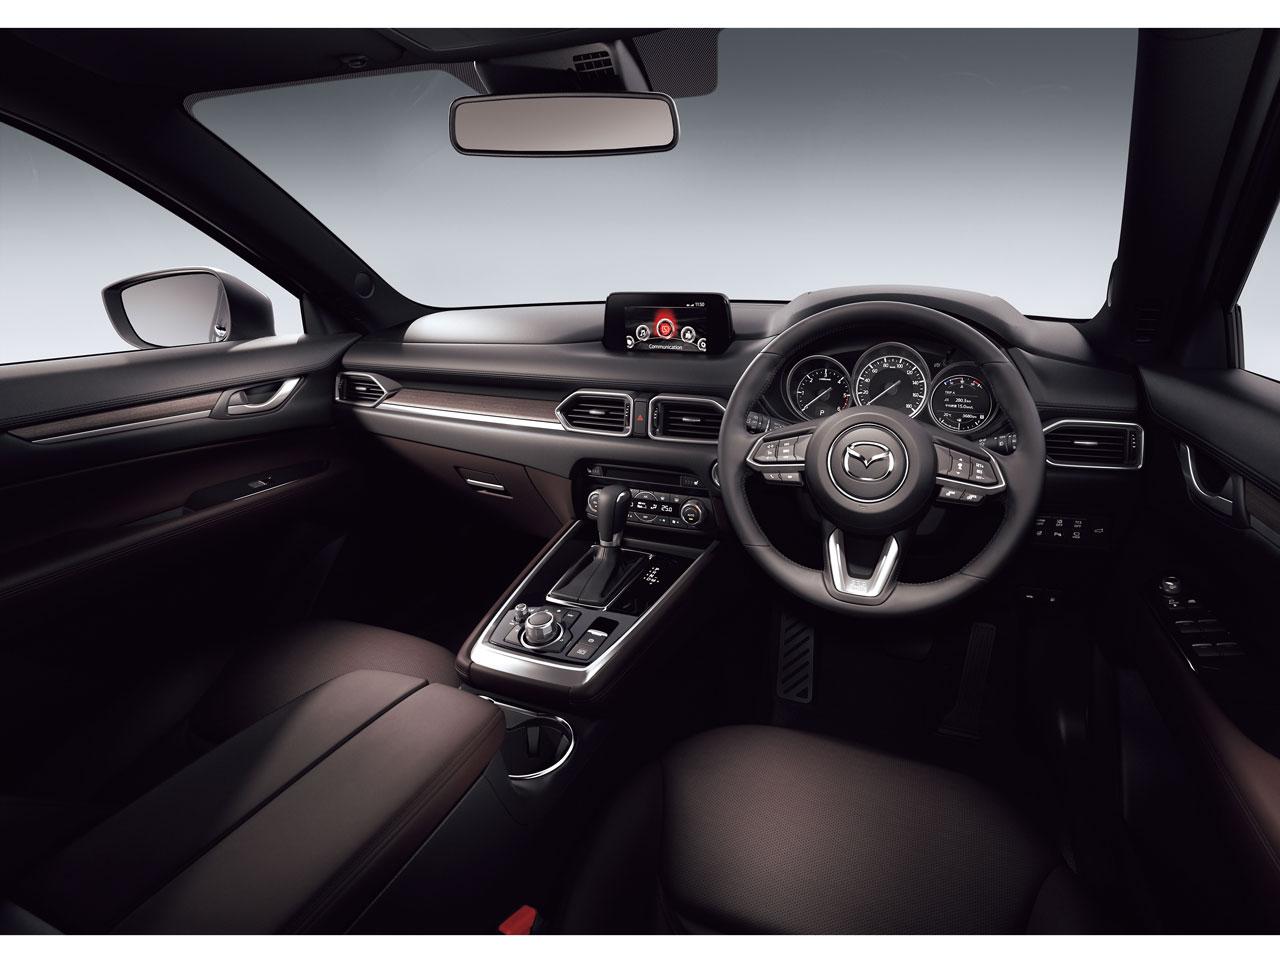 『インテリア3』 CX-8 2017年モデル の製品画像